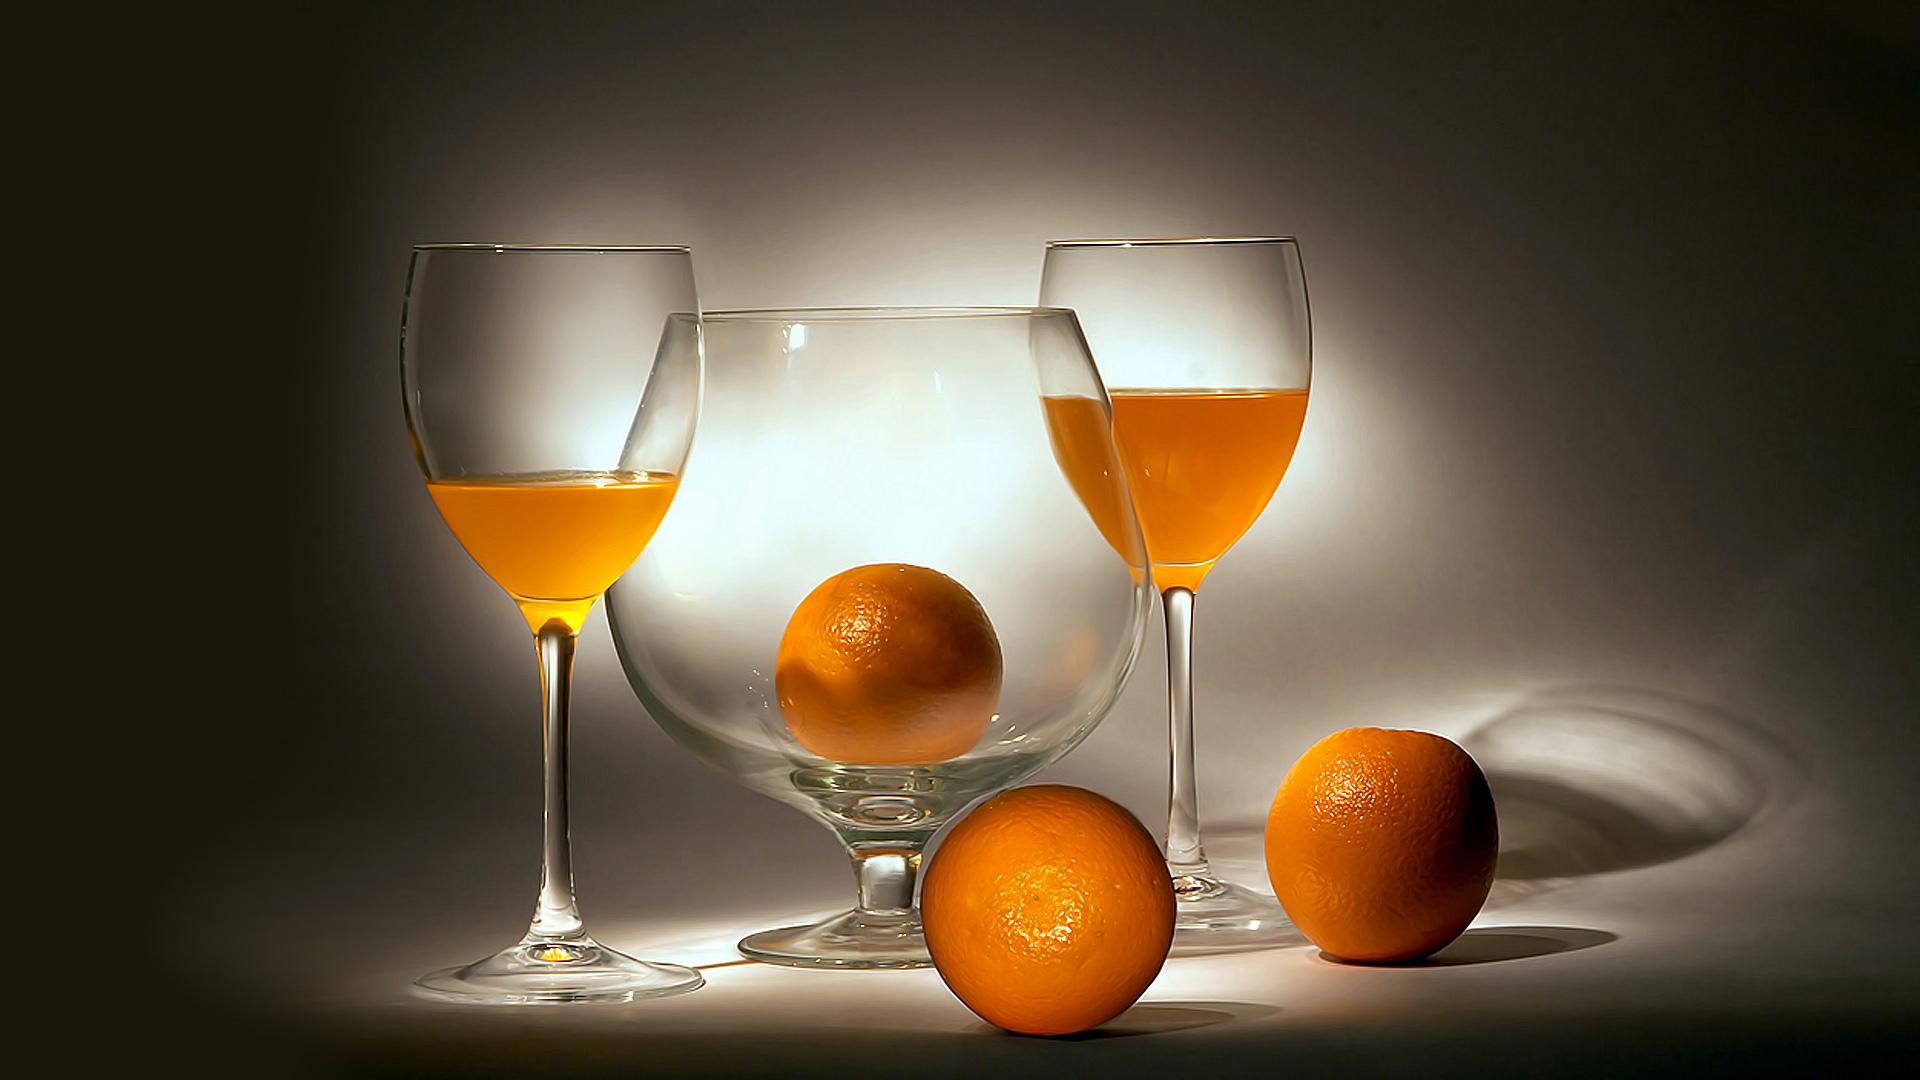 апельсиновый сок, апельсины, бокалы